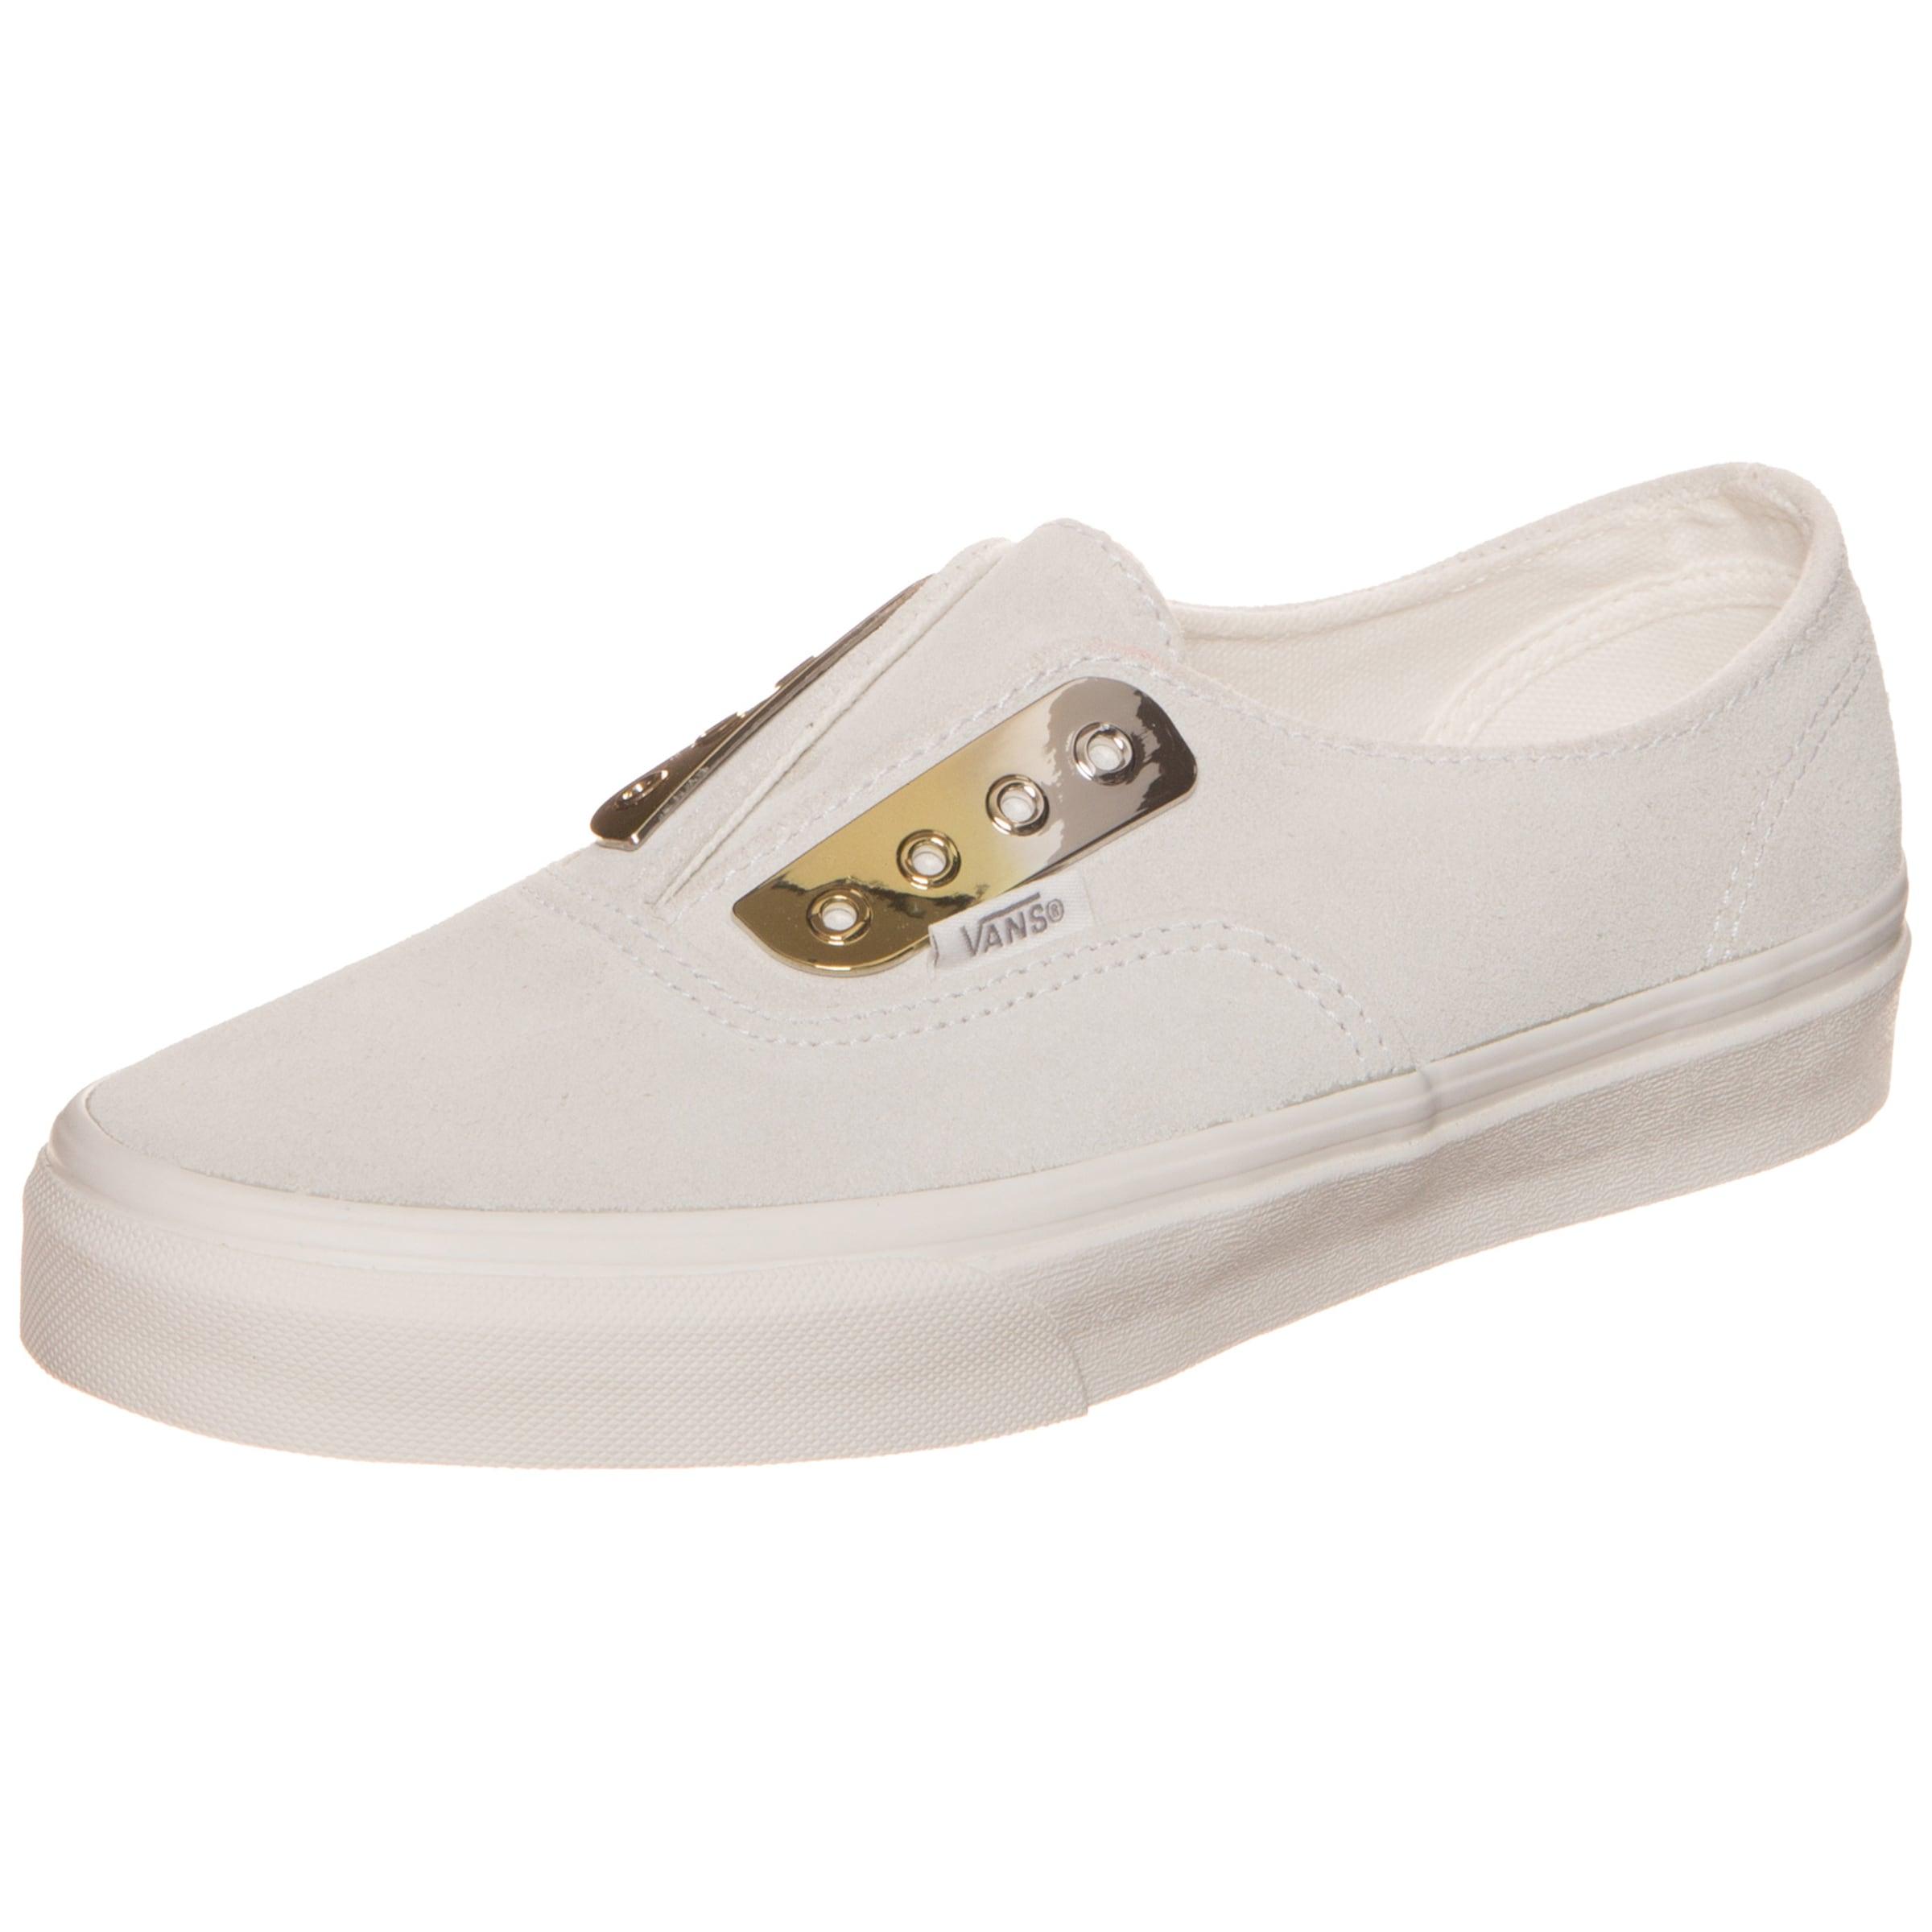 VANS Authentic Gore Sneaker Damen Hohe Qualität